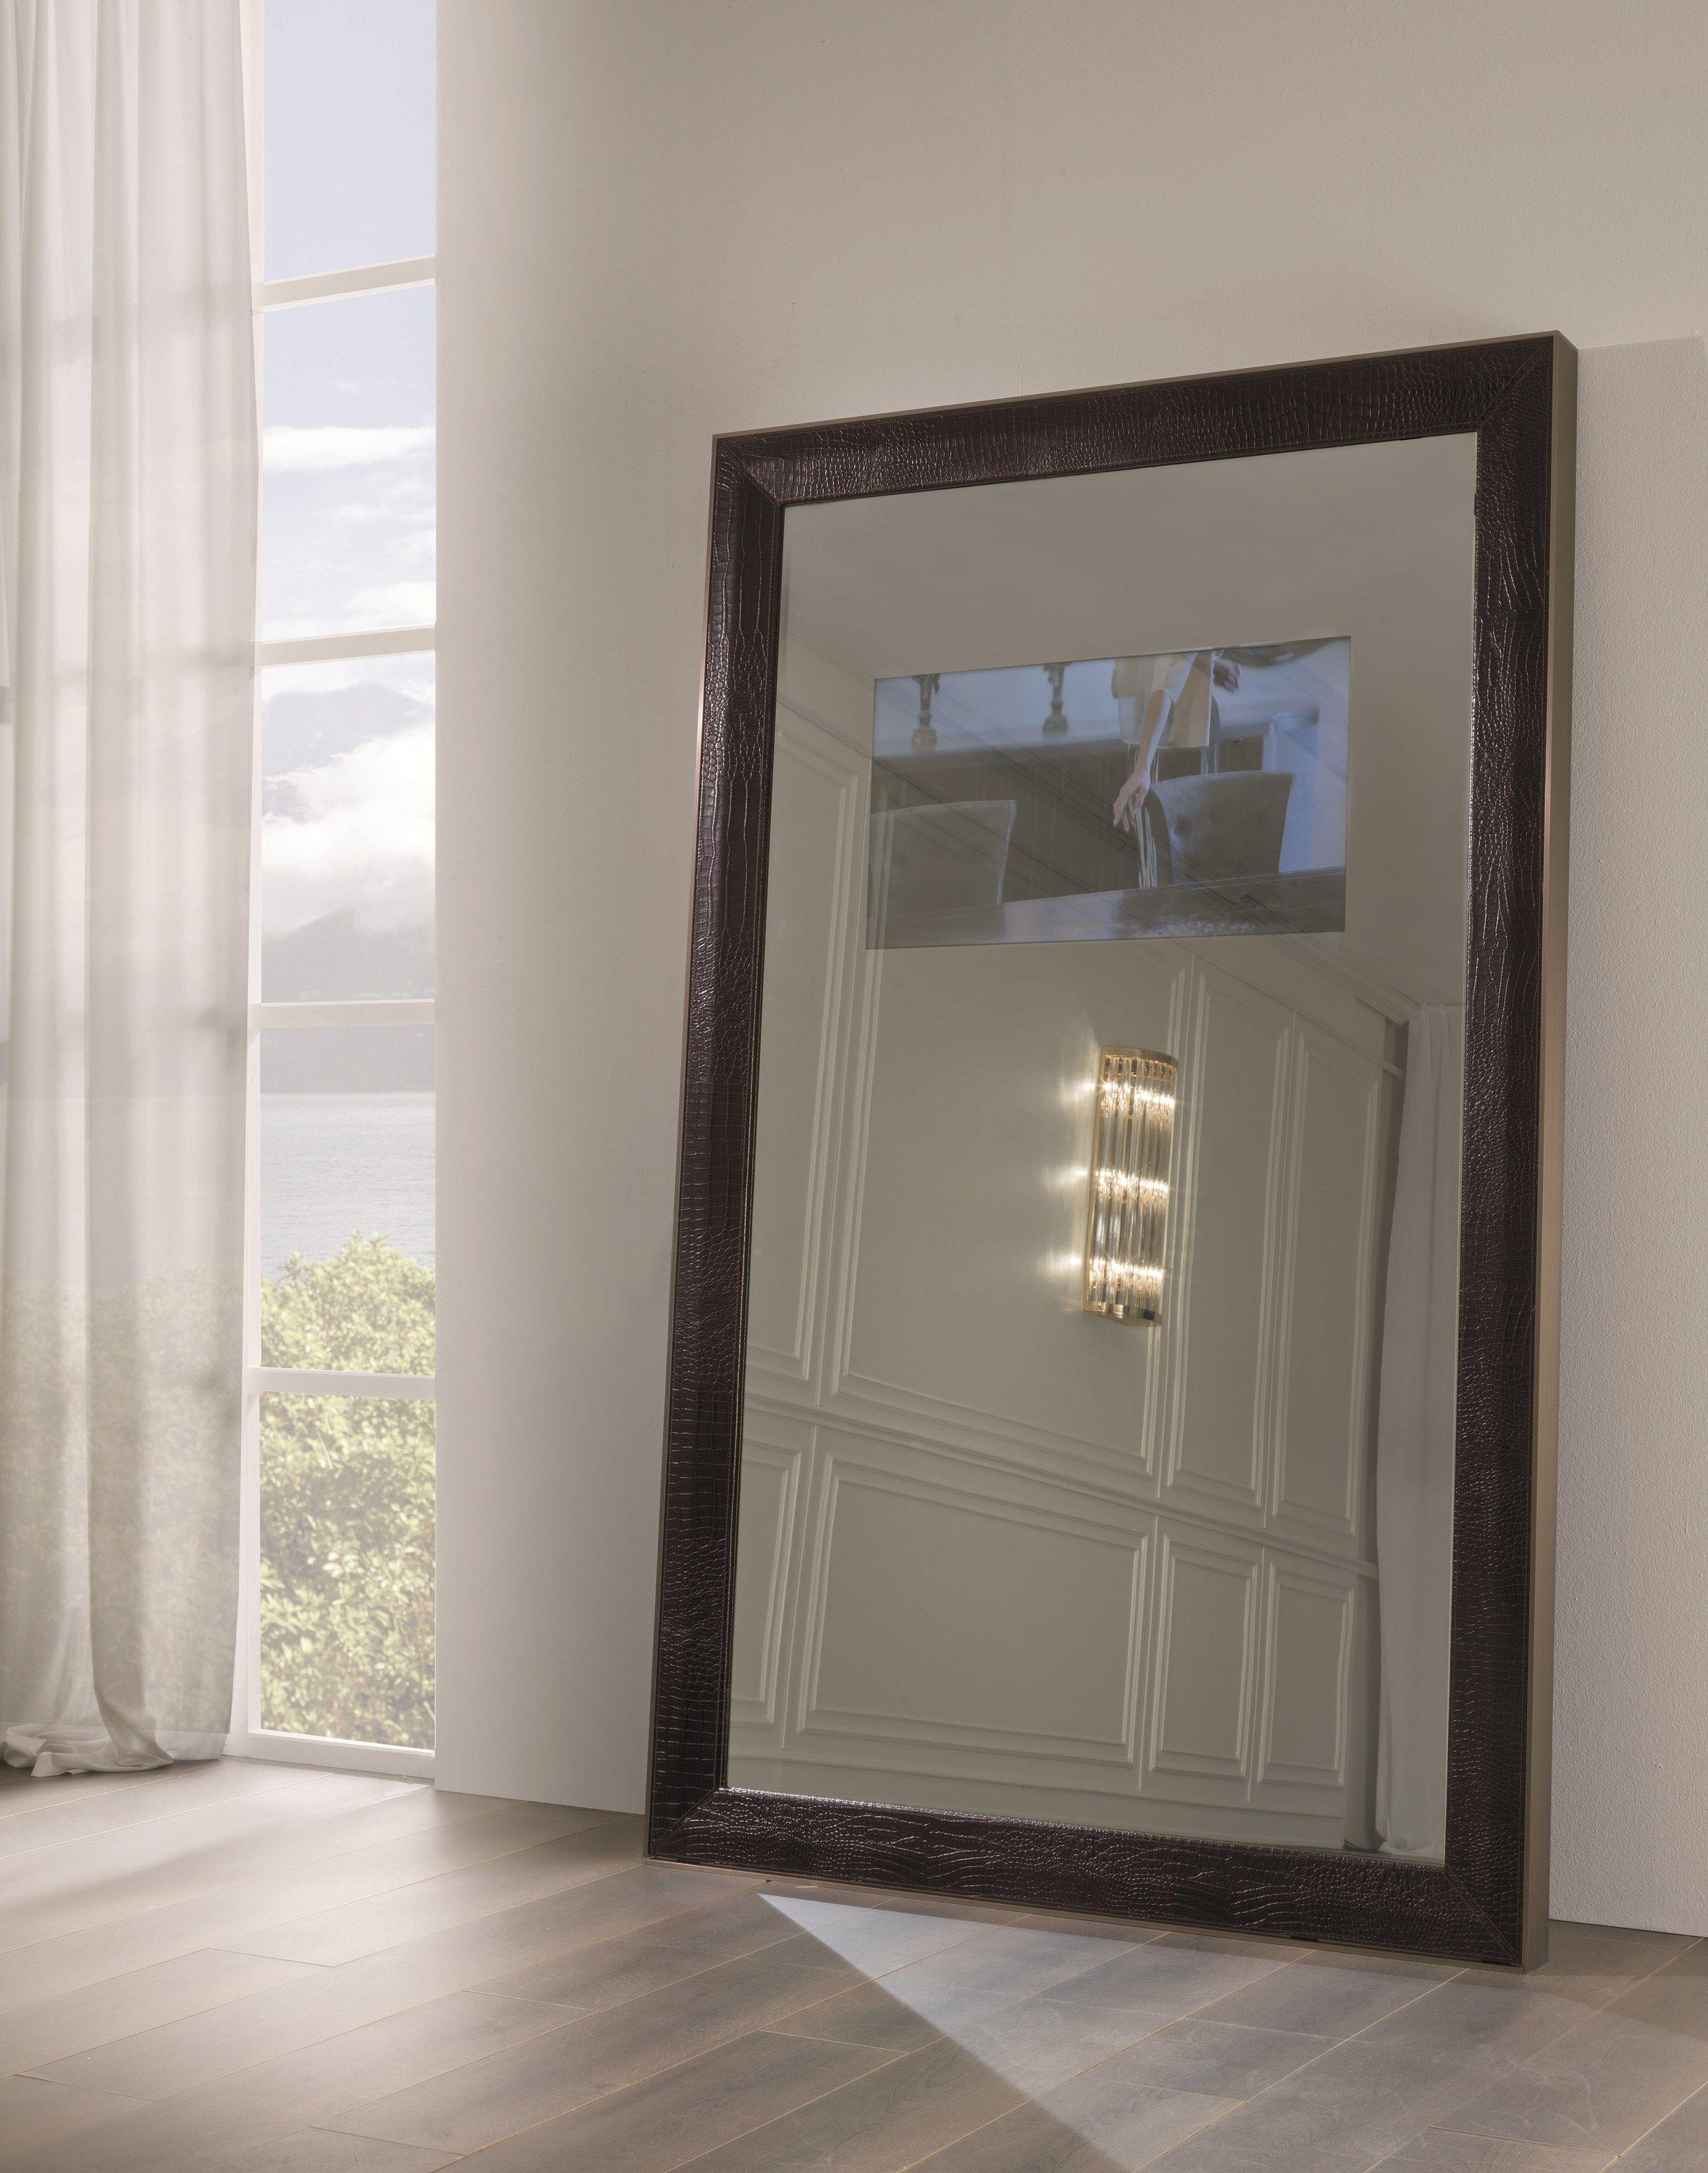 Specchio da terra rettangolare con cornice secret by for Specchio da terra kasanova